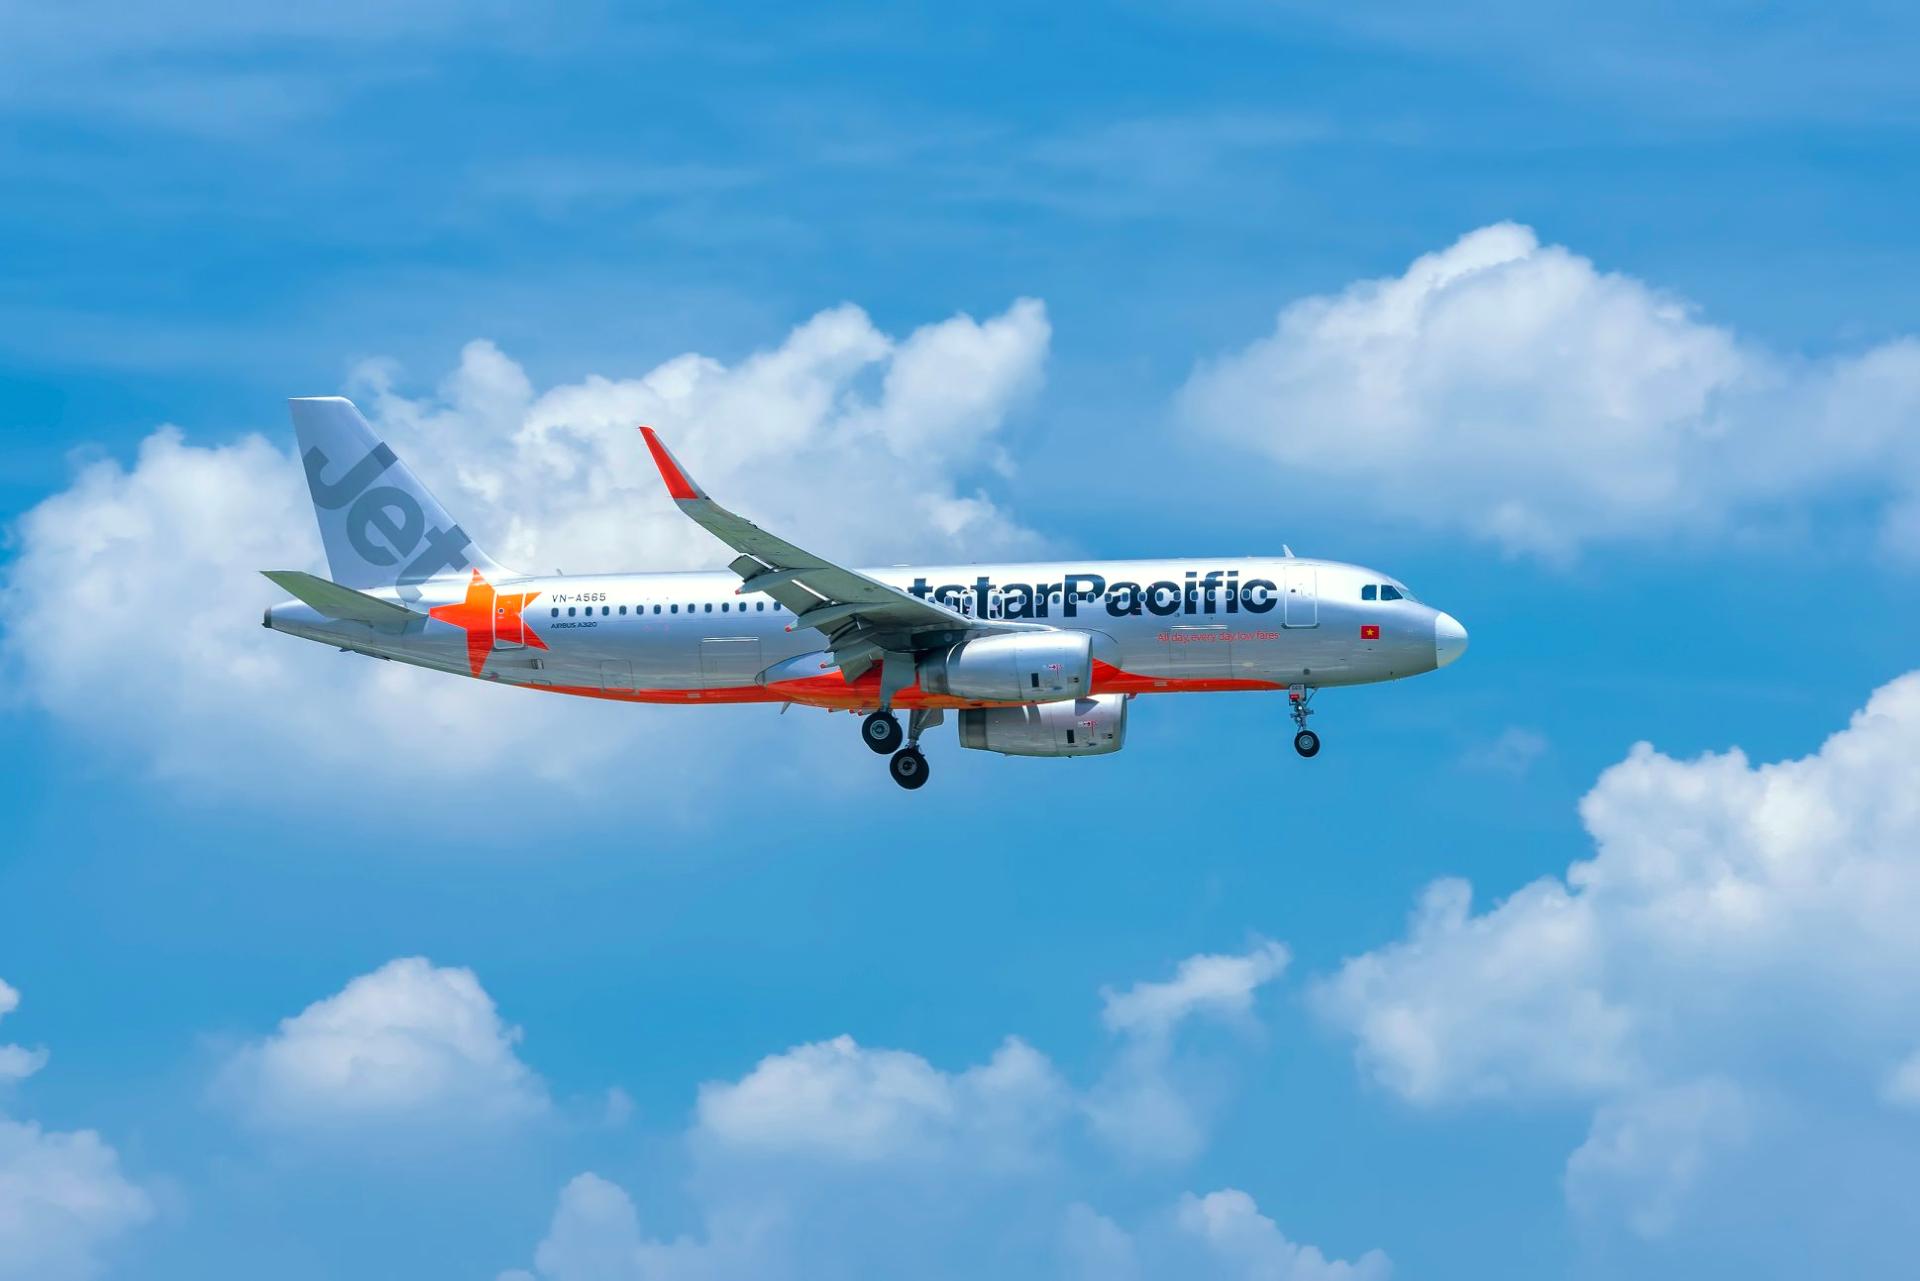 5 hãng hàng không tốt nhất cho chuyến bay đến Bangkok